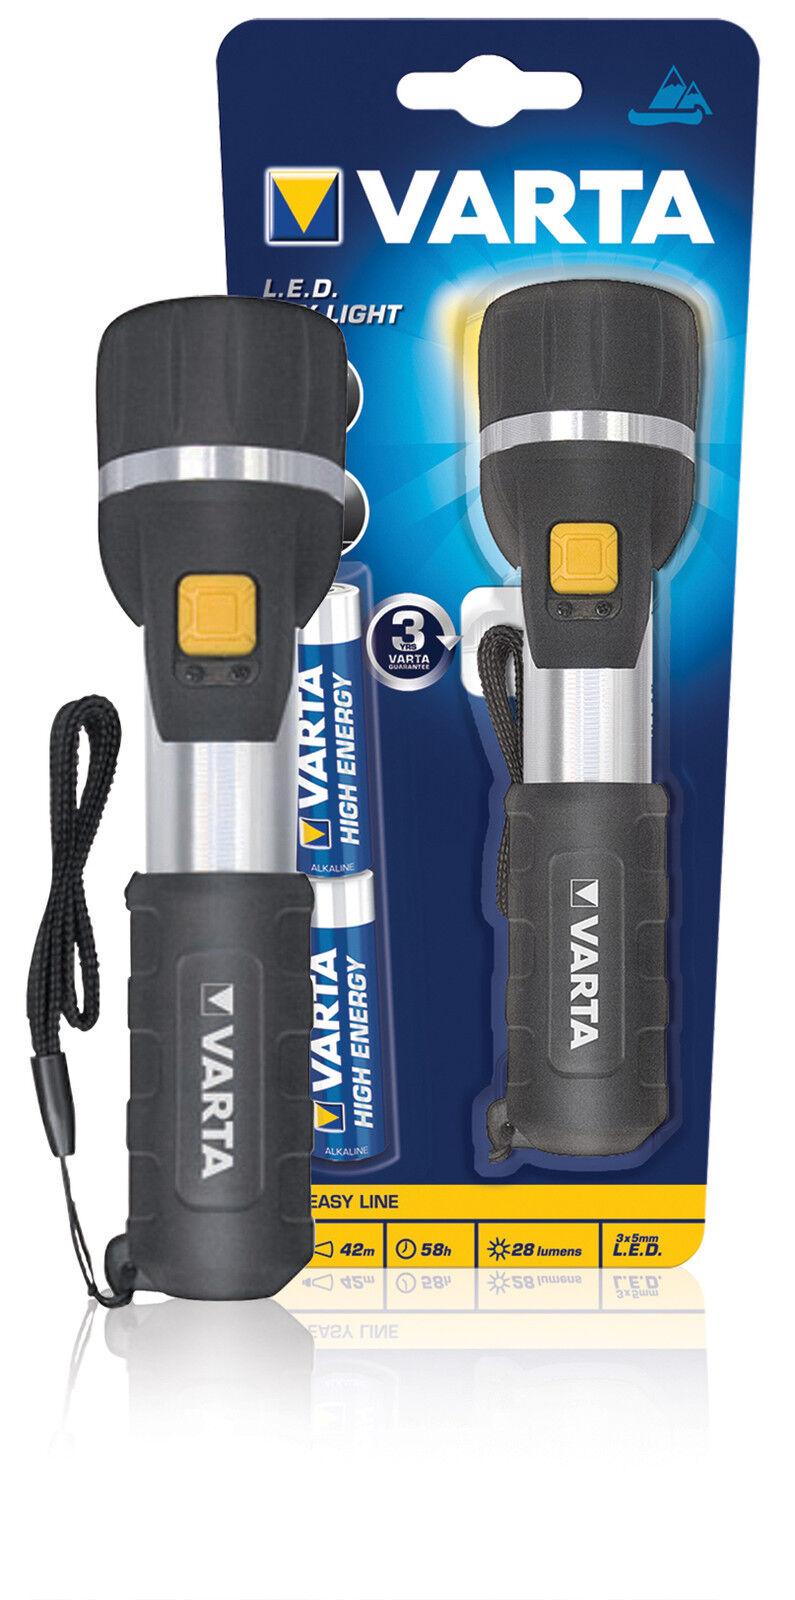 2x Batterie Alkaline AA inkl Easy Line LED Taschenlampe Varta Day Light 25lm